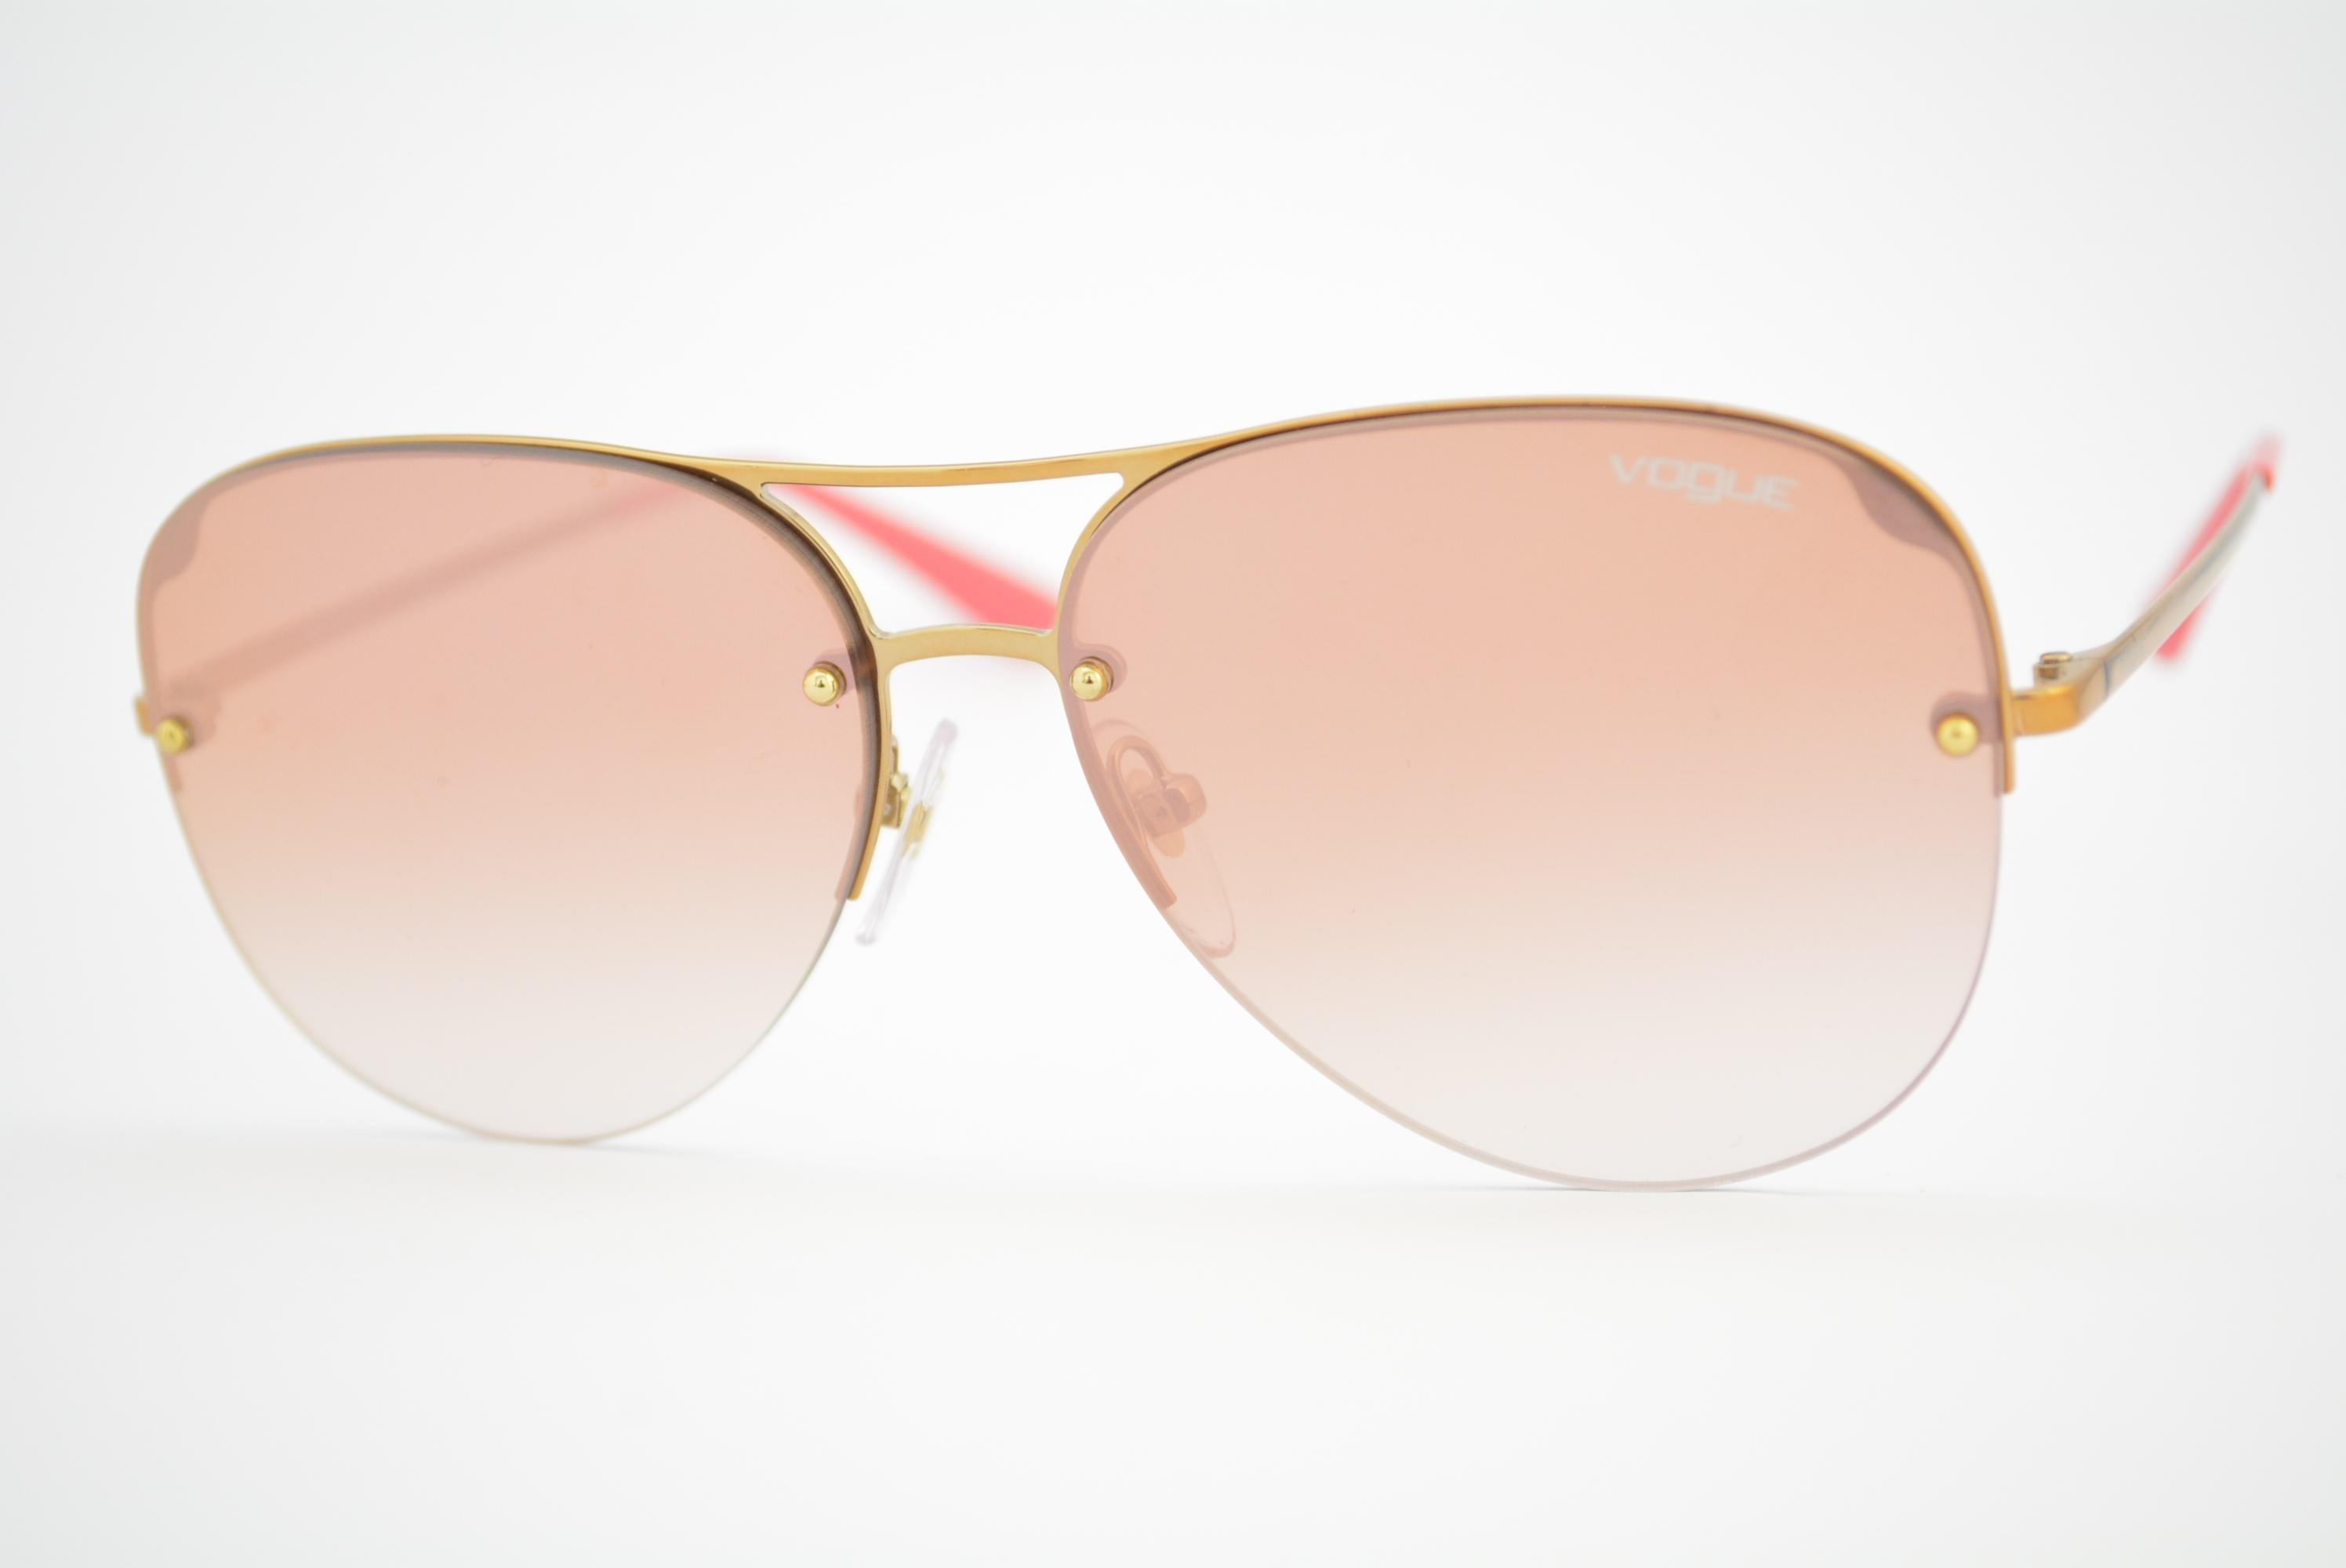 óculos de sol Vogue mod vo4080-s 50756F Ótica Cardoso 75d900f42d